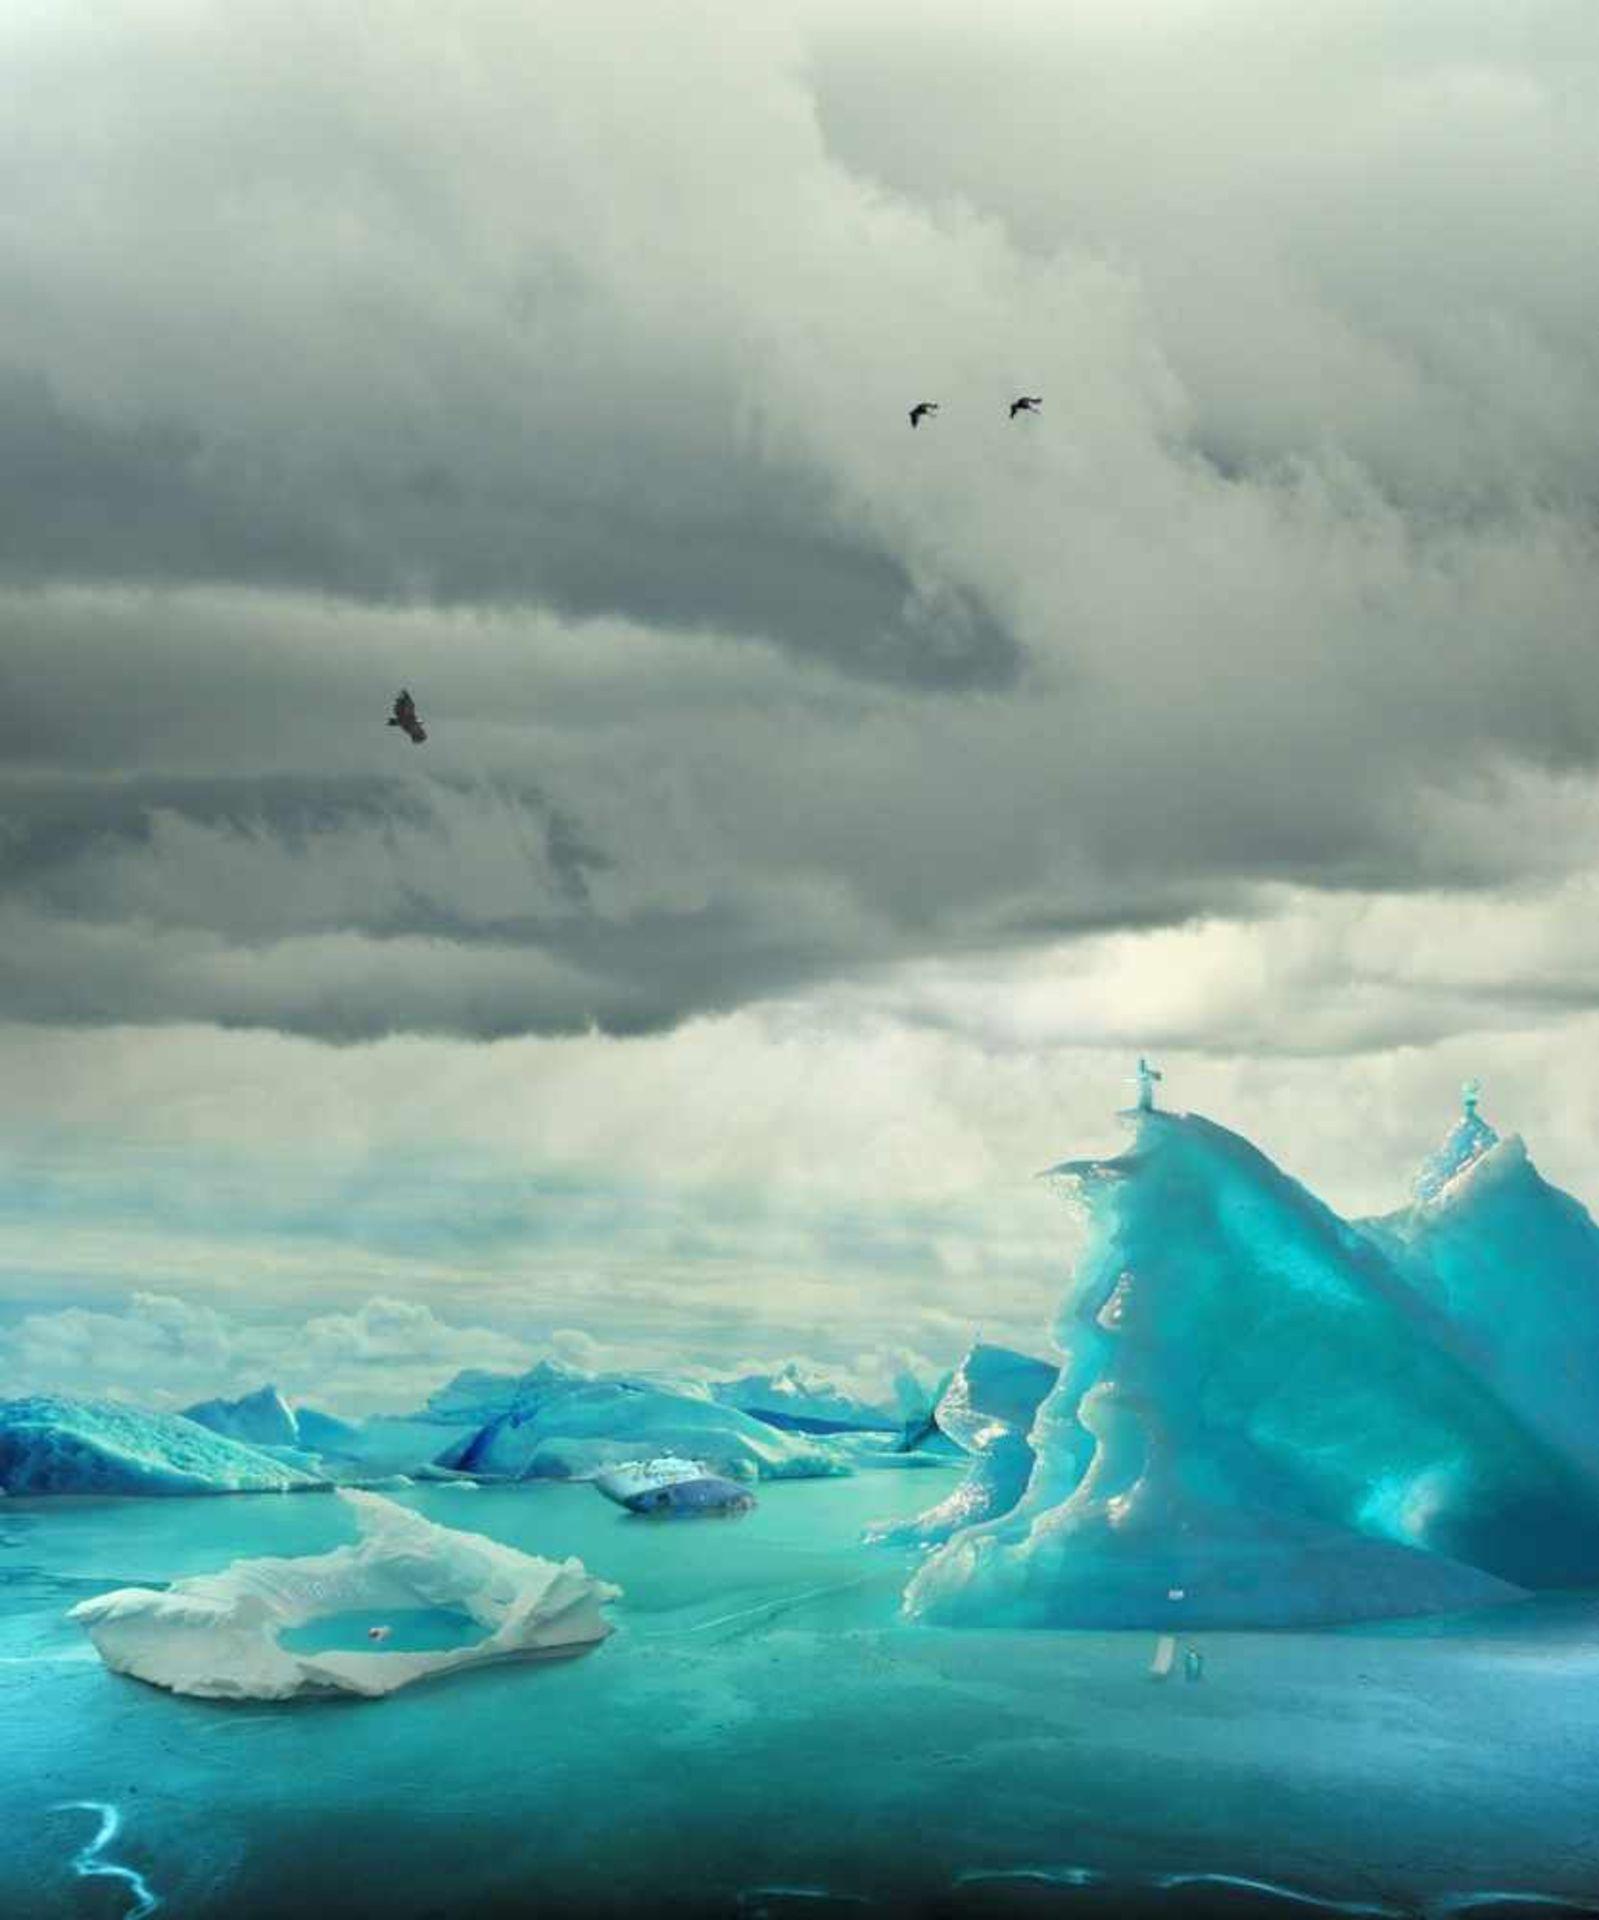 Helmut Grill geb. 1965 The Frozen Discoverer 2011 Fotografie hinter Acrylglas signiert, betitelt,